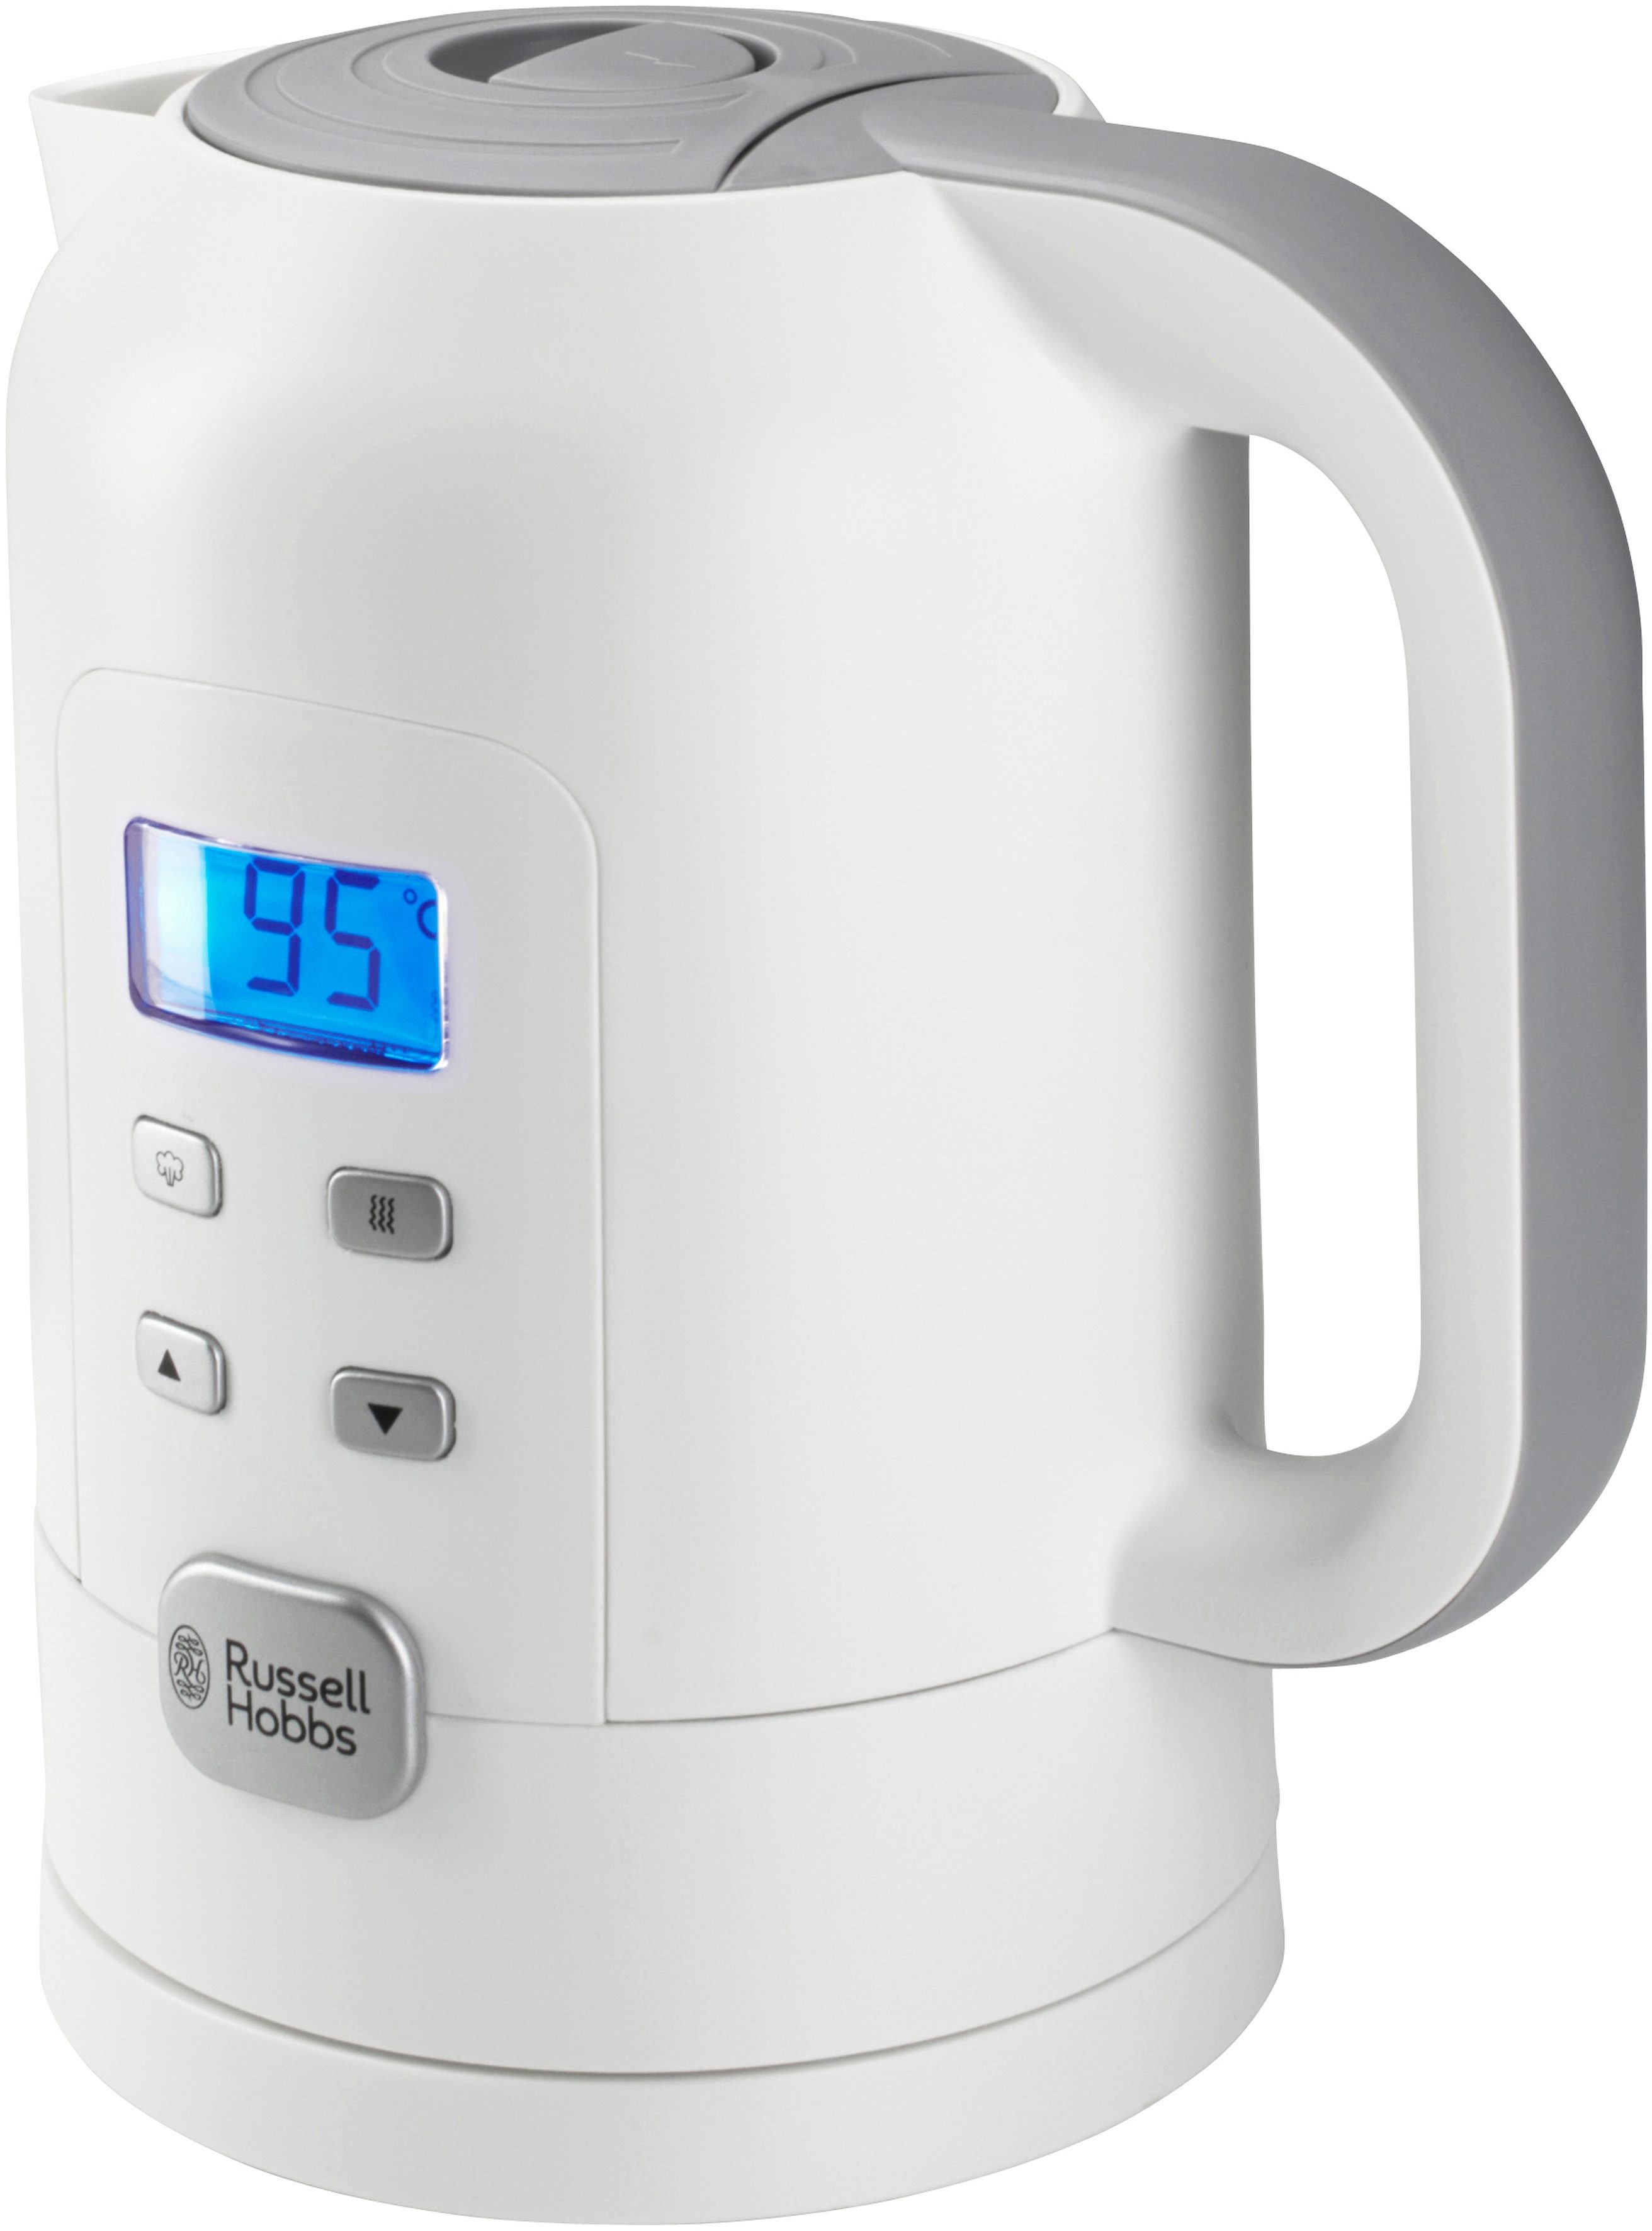 Russell Hobbs Wasserkocher »Precision Control« 21150-70, 1,7 Liter, 1850-2200 Watt